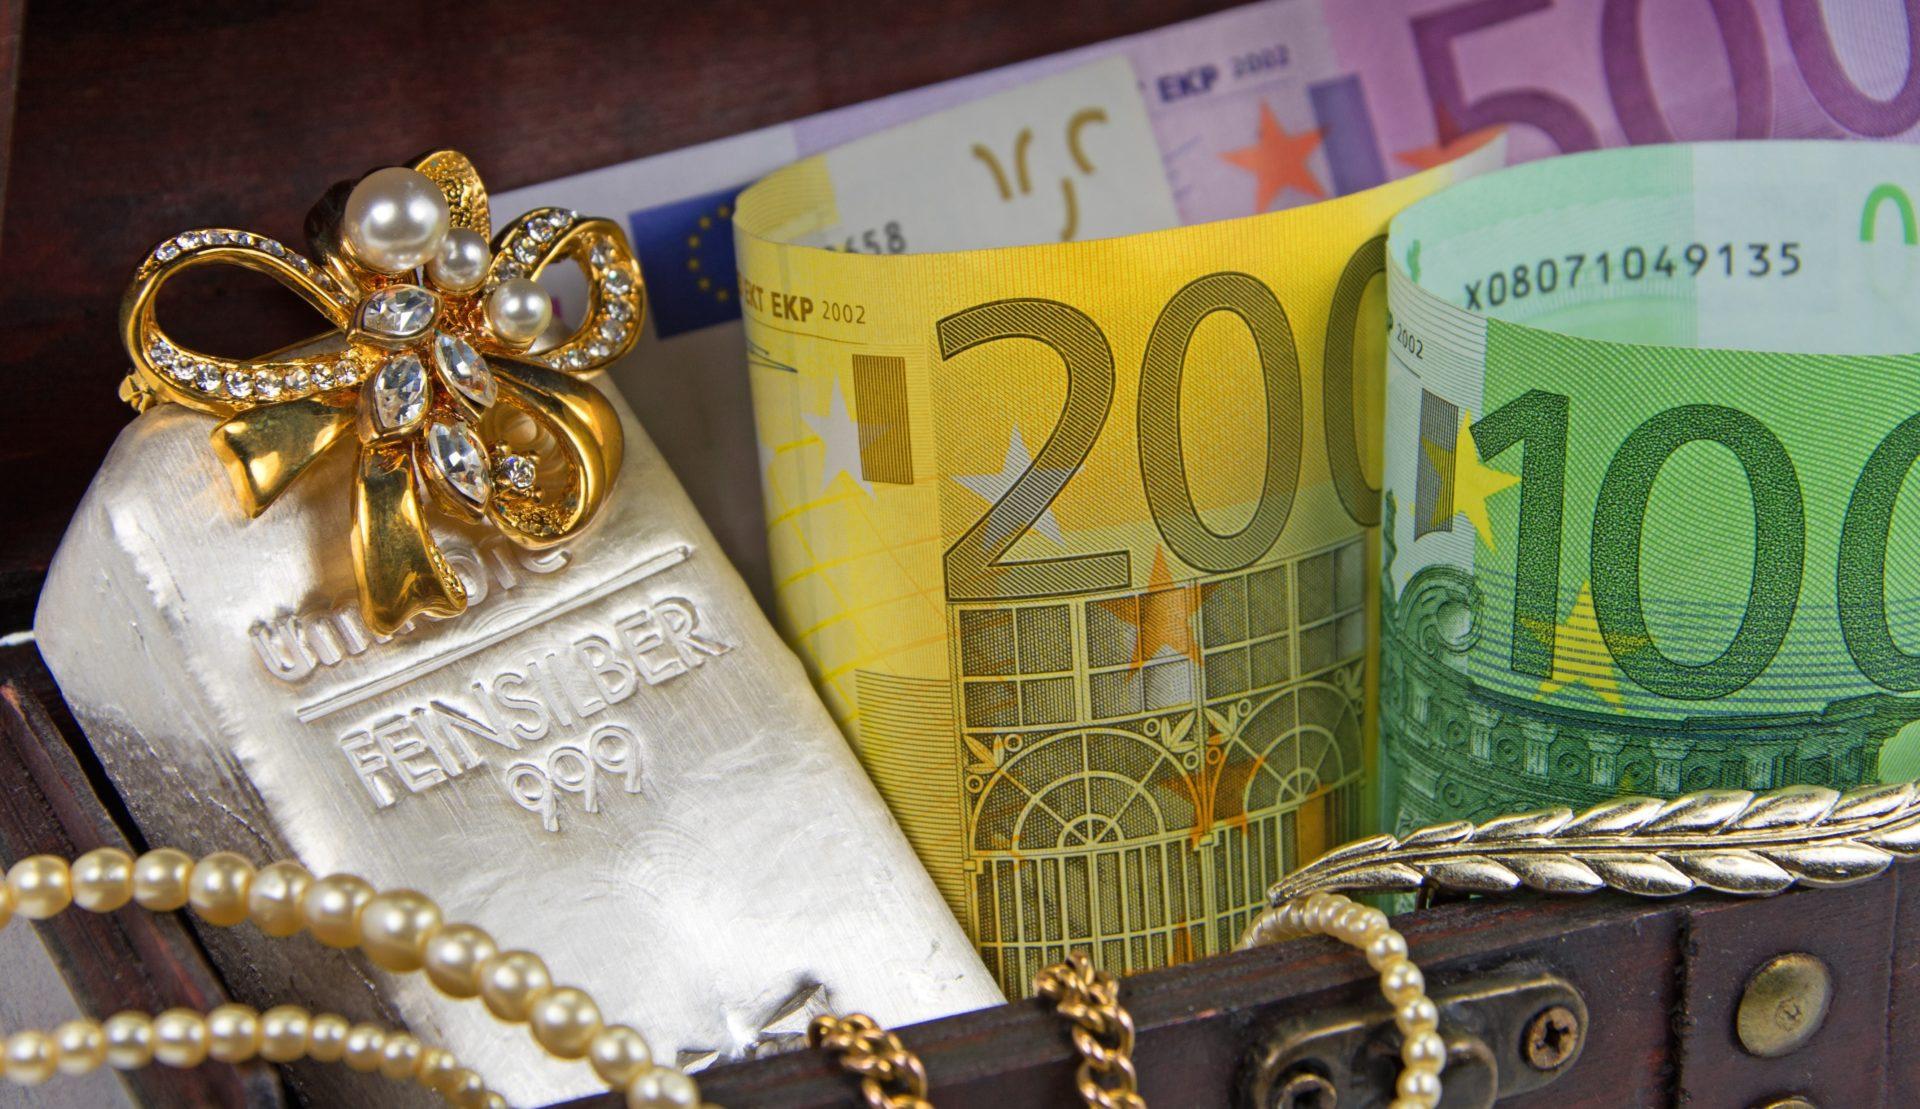 Zahngold verkaufen, Dentallegierung, Goldschmuck ankaufen, Zahngold ankauf, Zahngold verkaufen, Bargeld, Aurax Edelmetallhandel GmbH